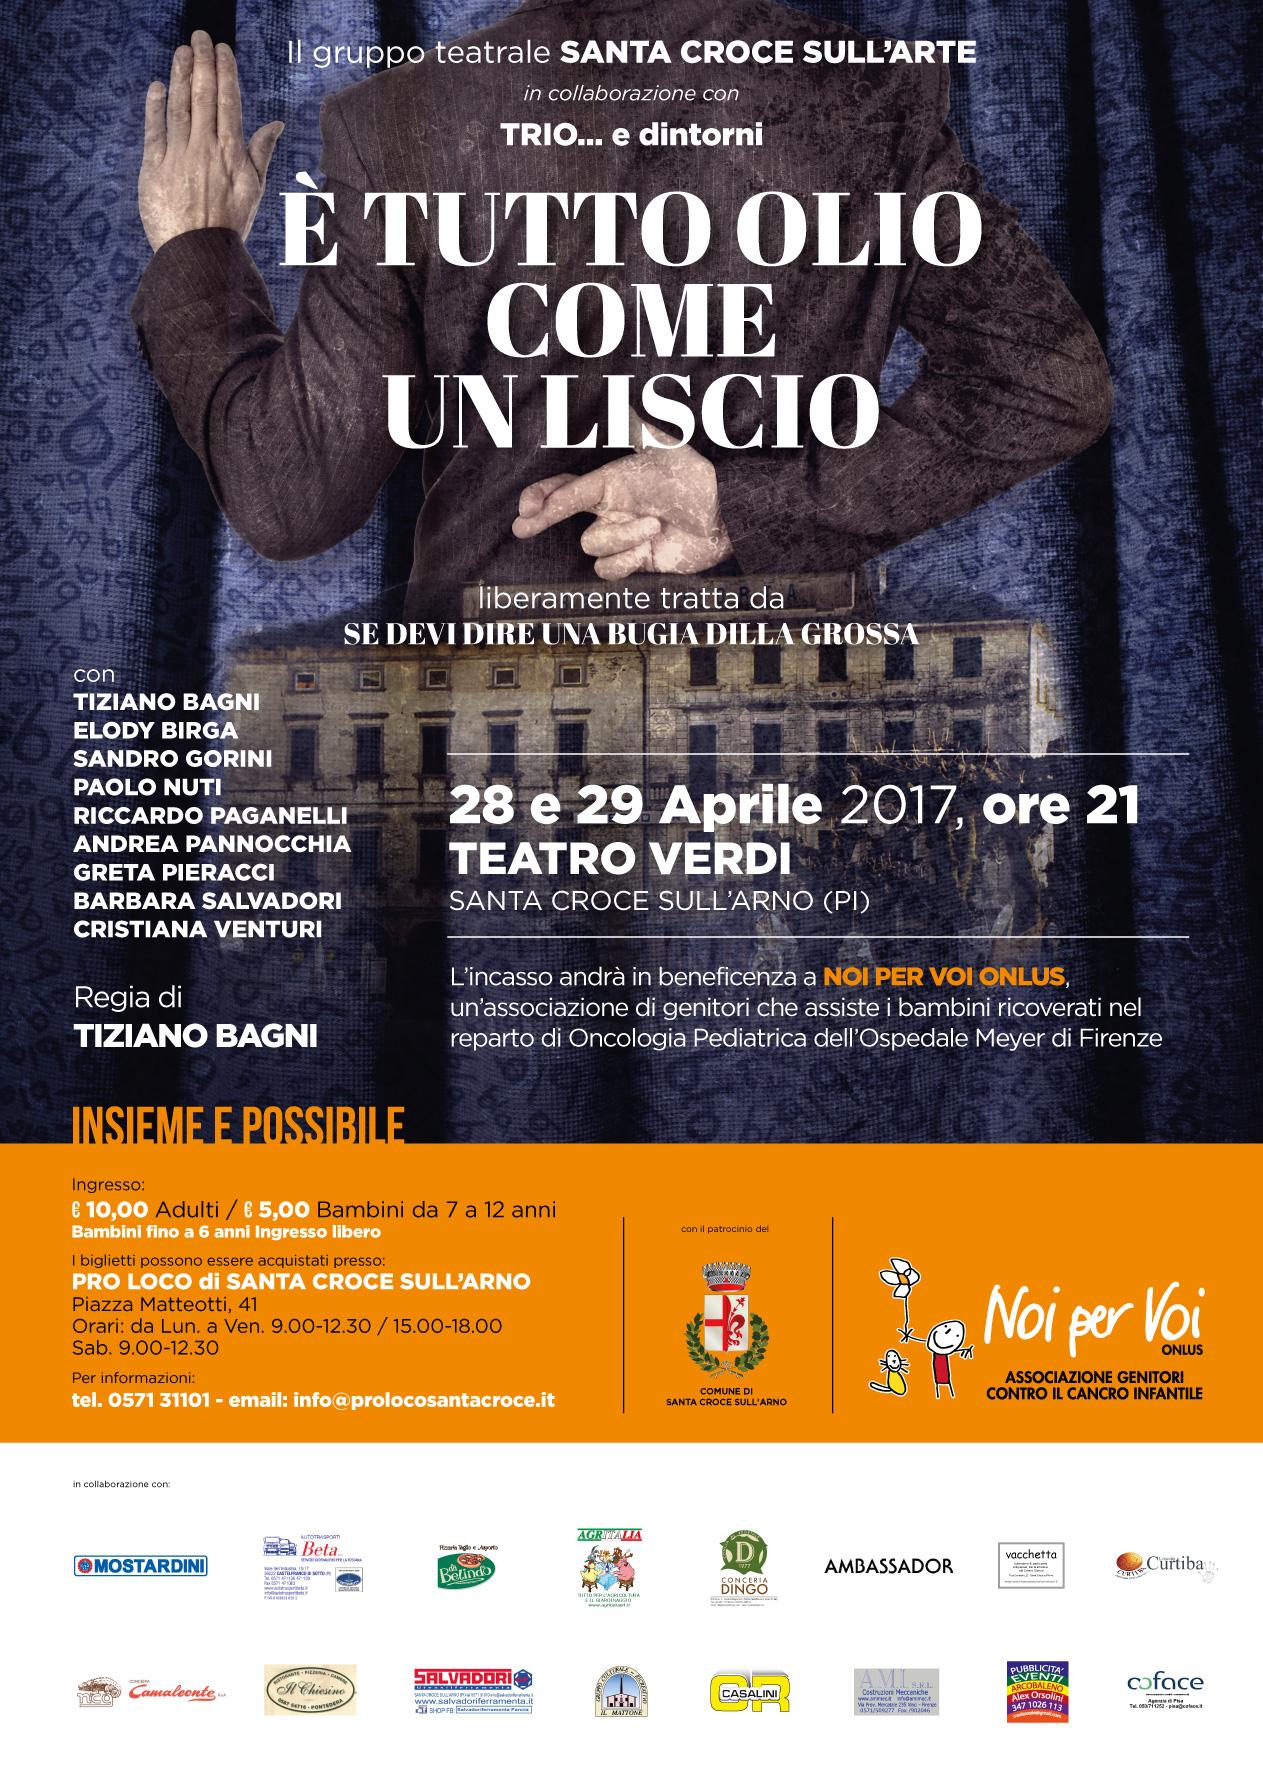 spettacolo teatrale Santa Croce